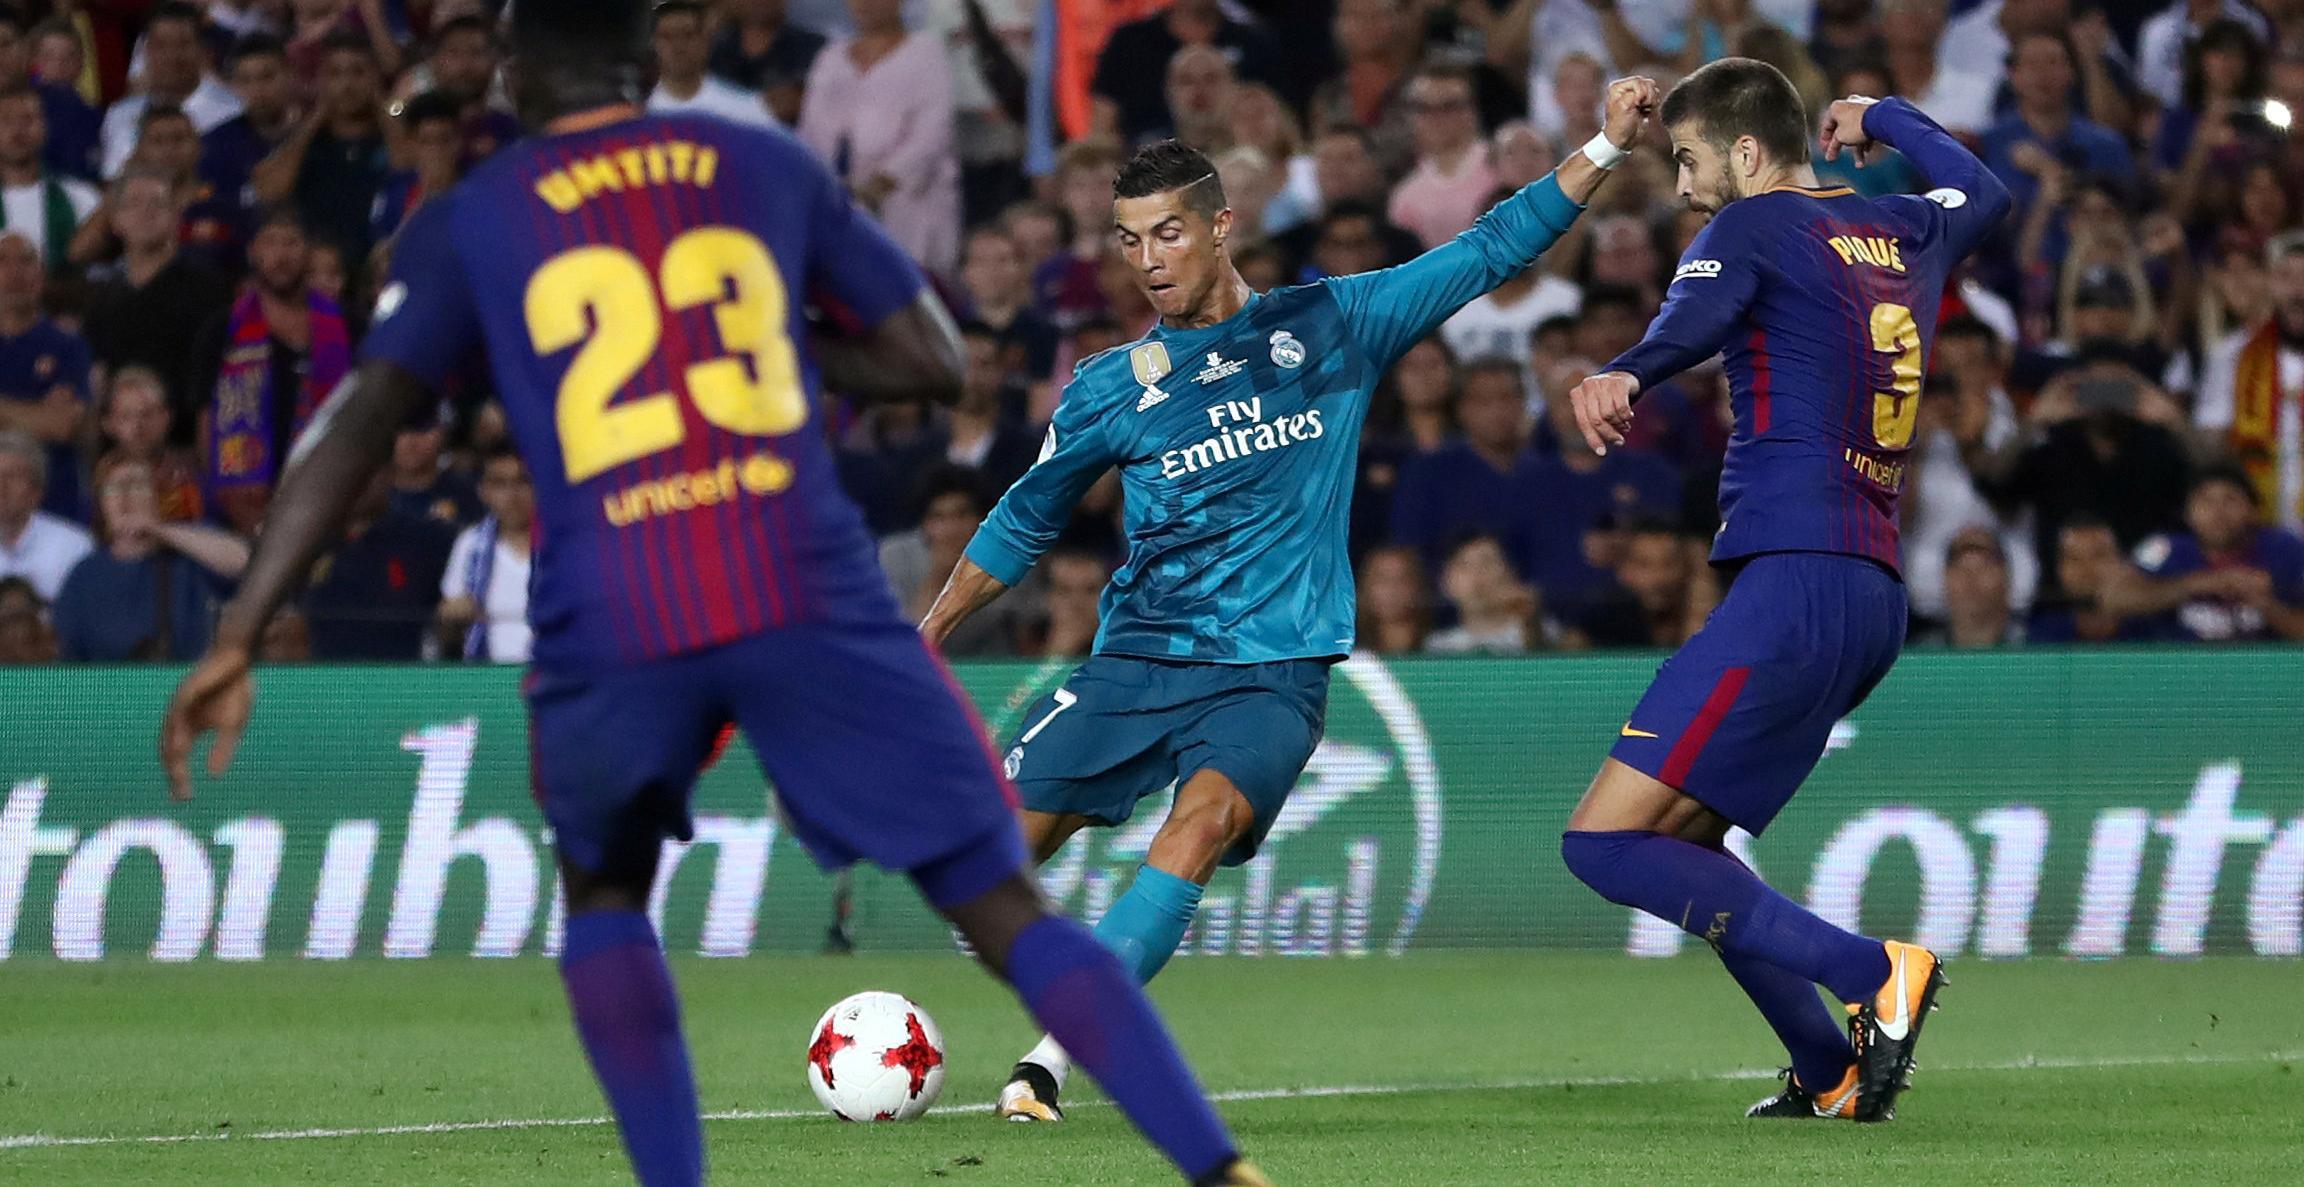 Cristiano y Asensio dinamitan el 'Clásico' con dos golazos